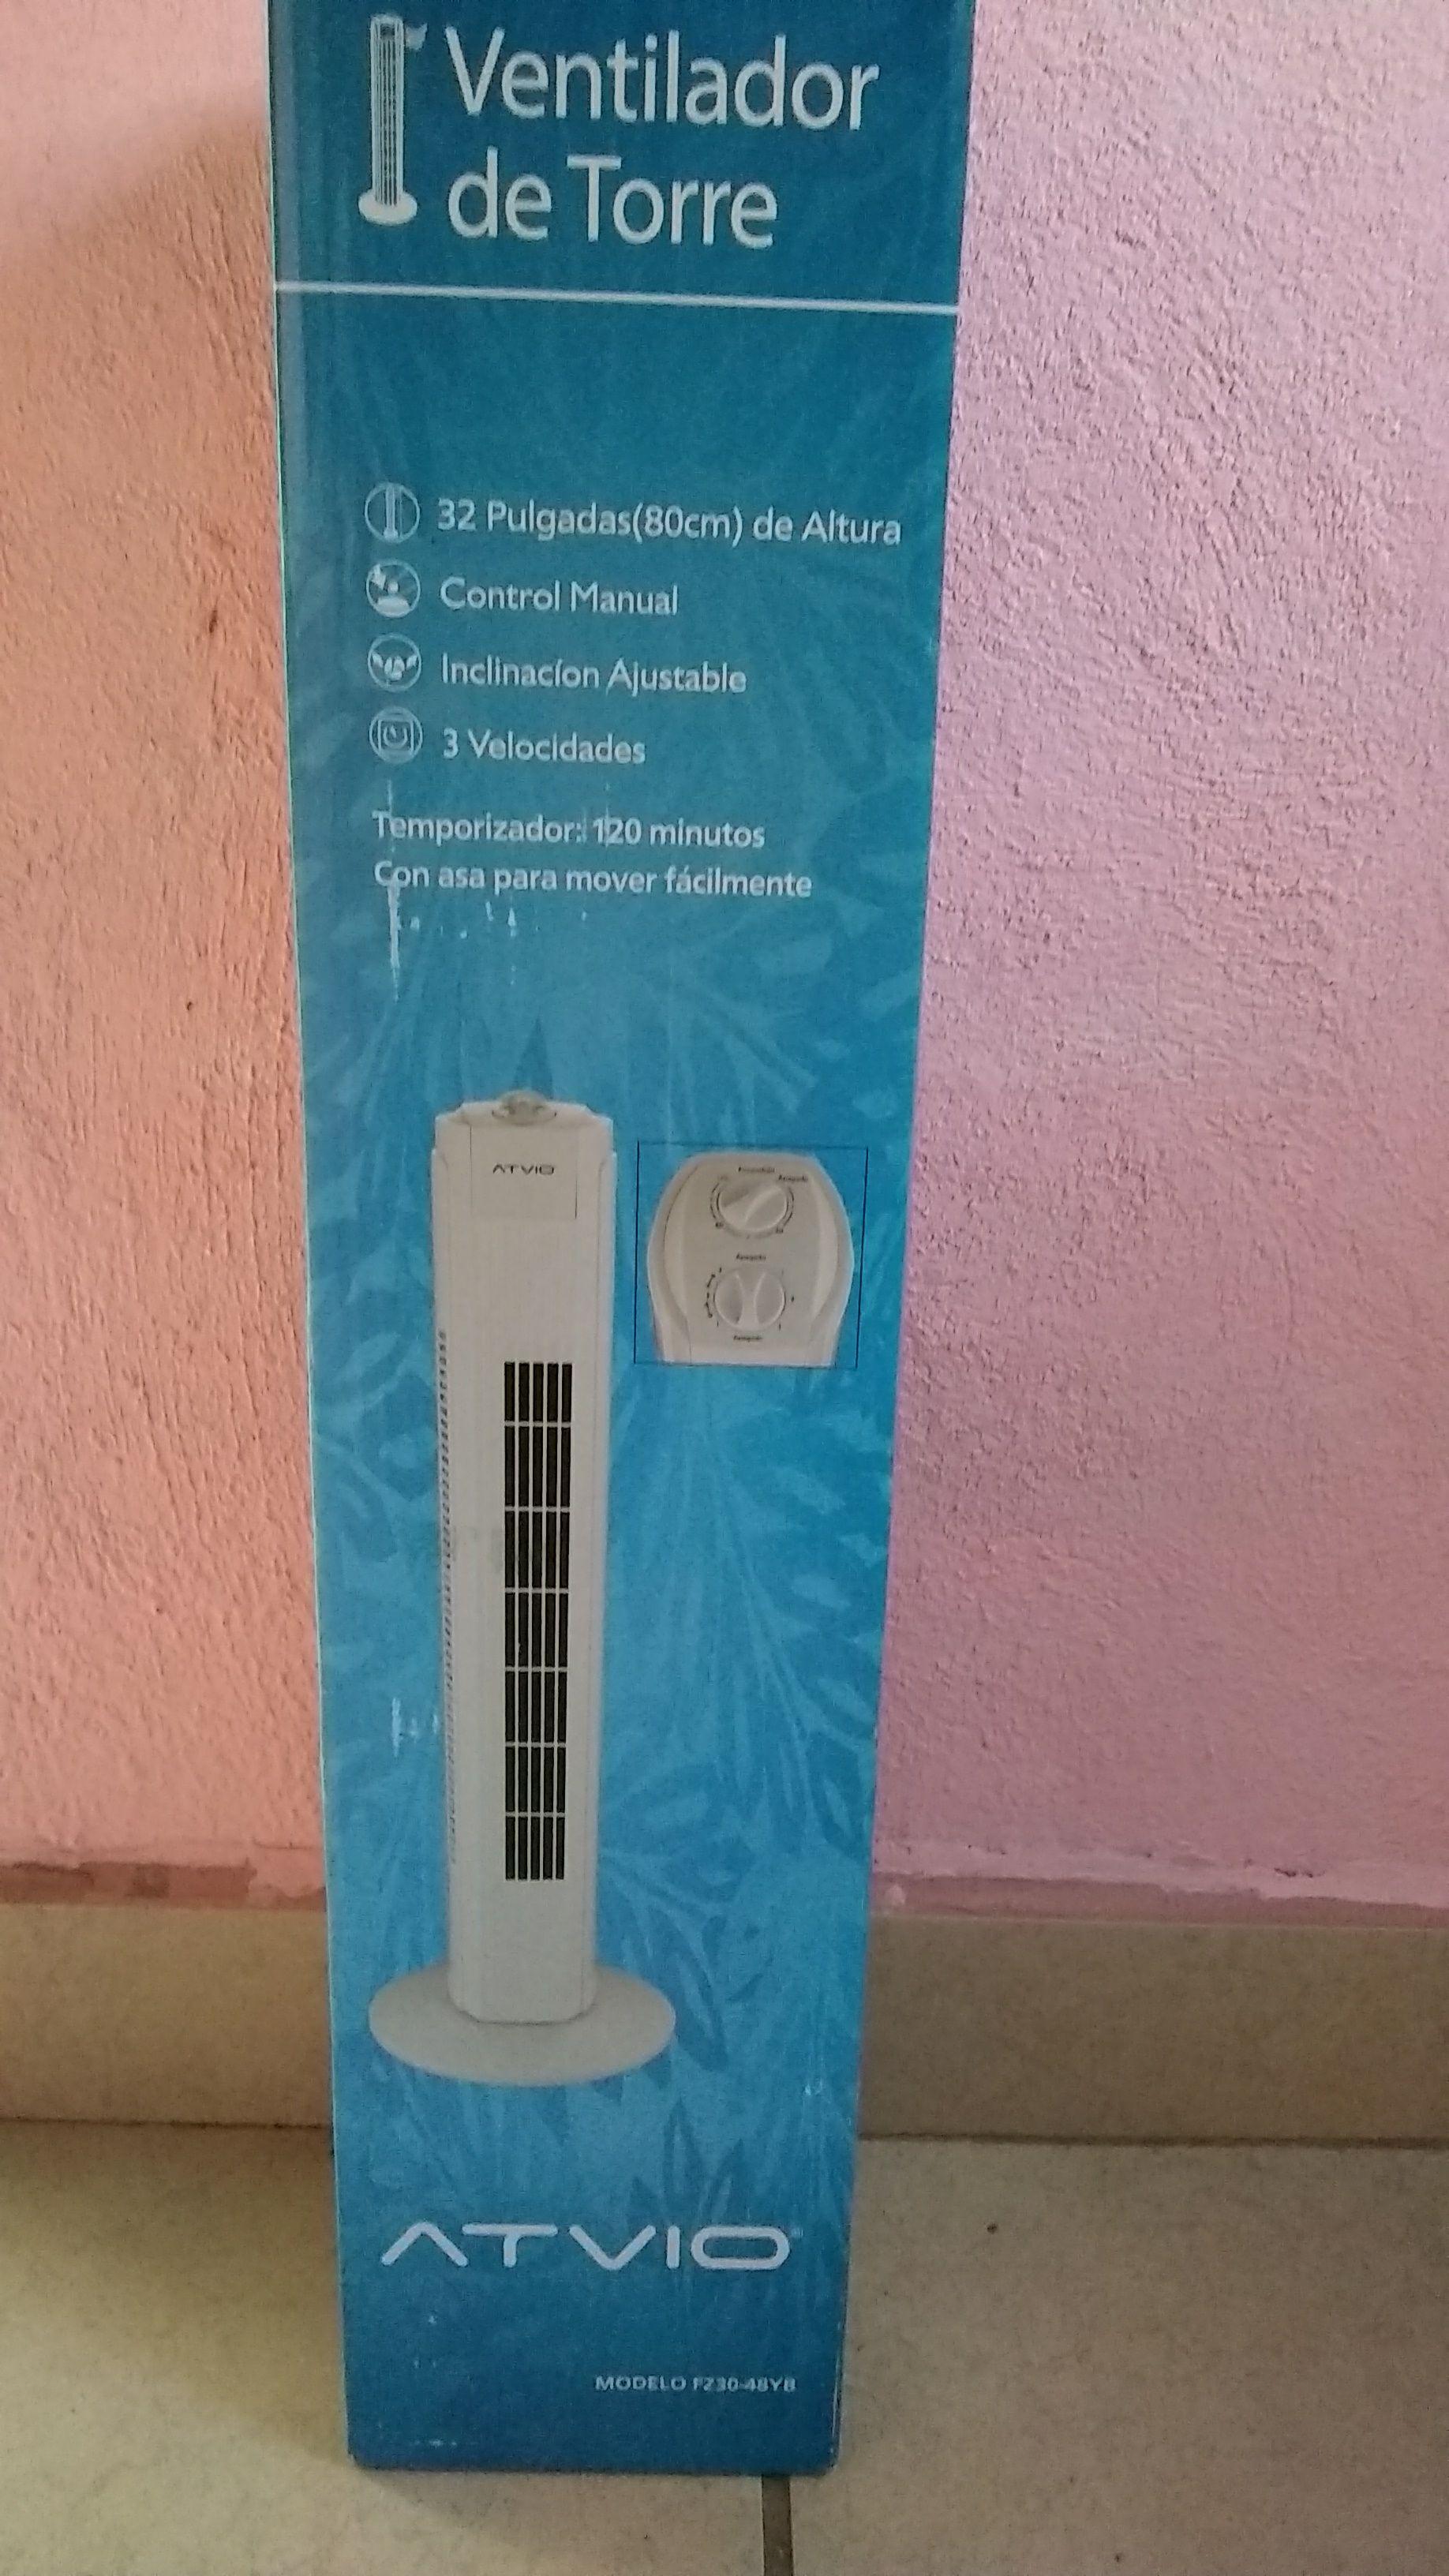 Bodega Aurrerá: Ventilador Torre Atvio